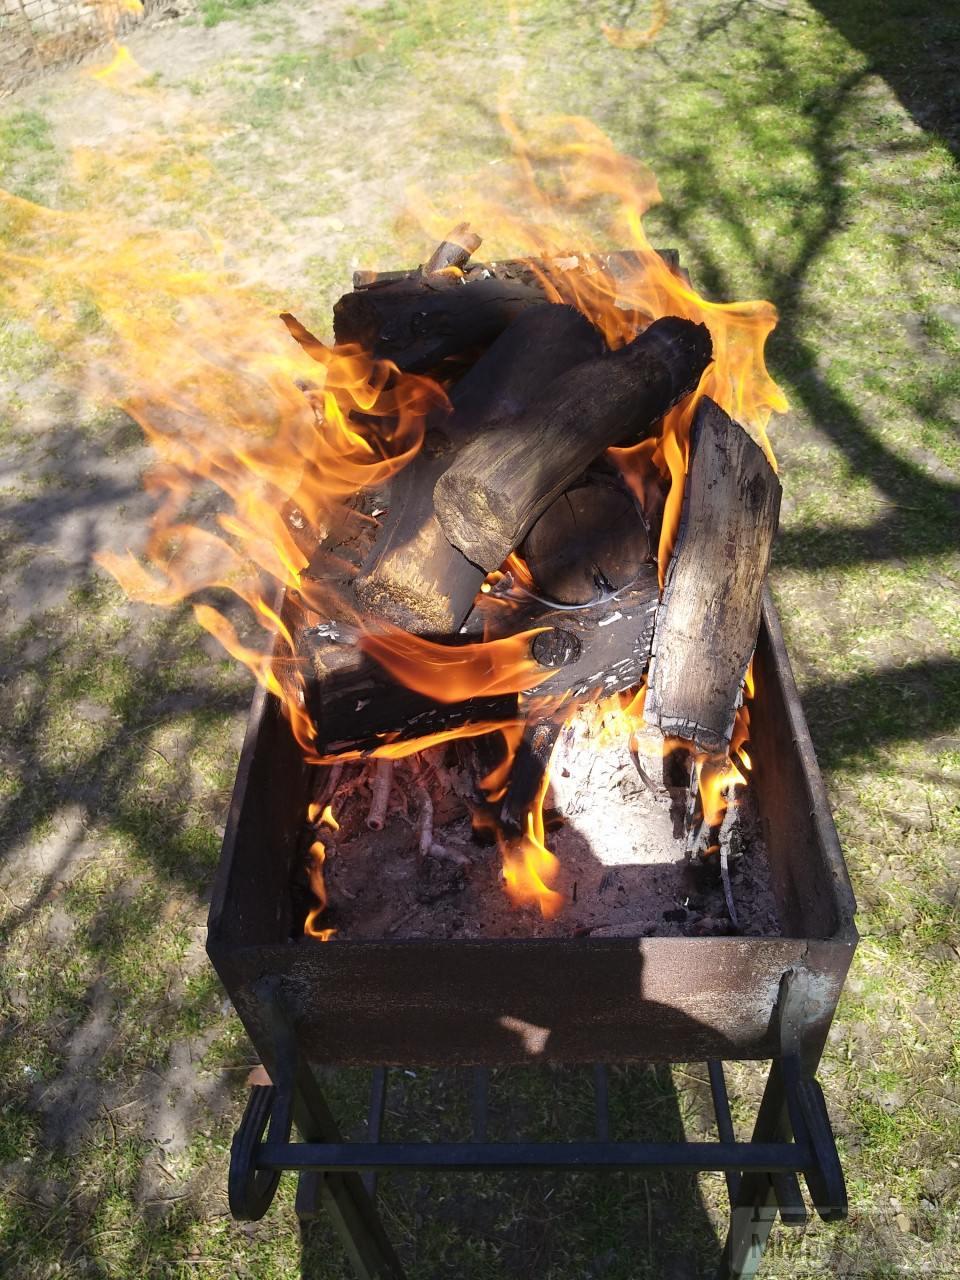 97800 - Закуски на огне (мангал, барбекю и т.д.) и кулинария вообще. Советы и рецепты.